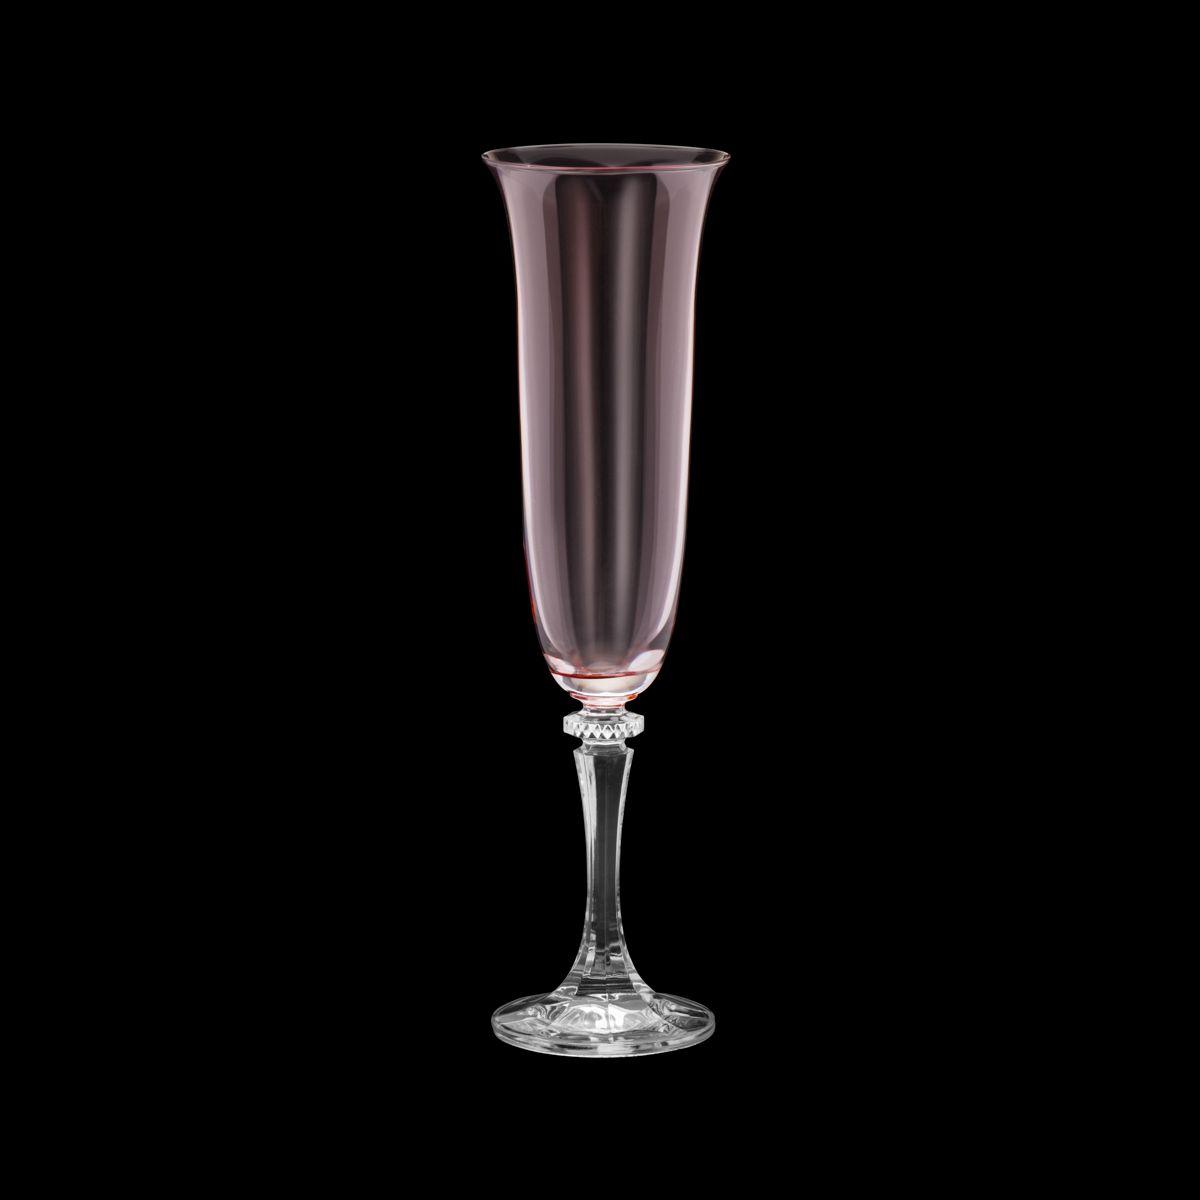 Conjunto de Taças para Champanha Bohemia Kleopatra/Branta Rose Quarts 175ml 35058 - 6 Peças